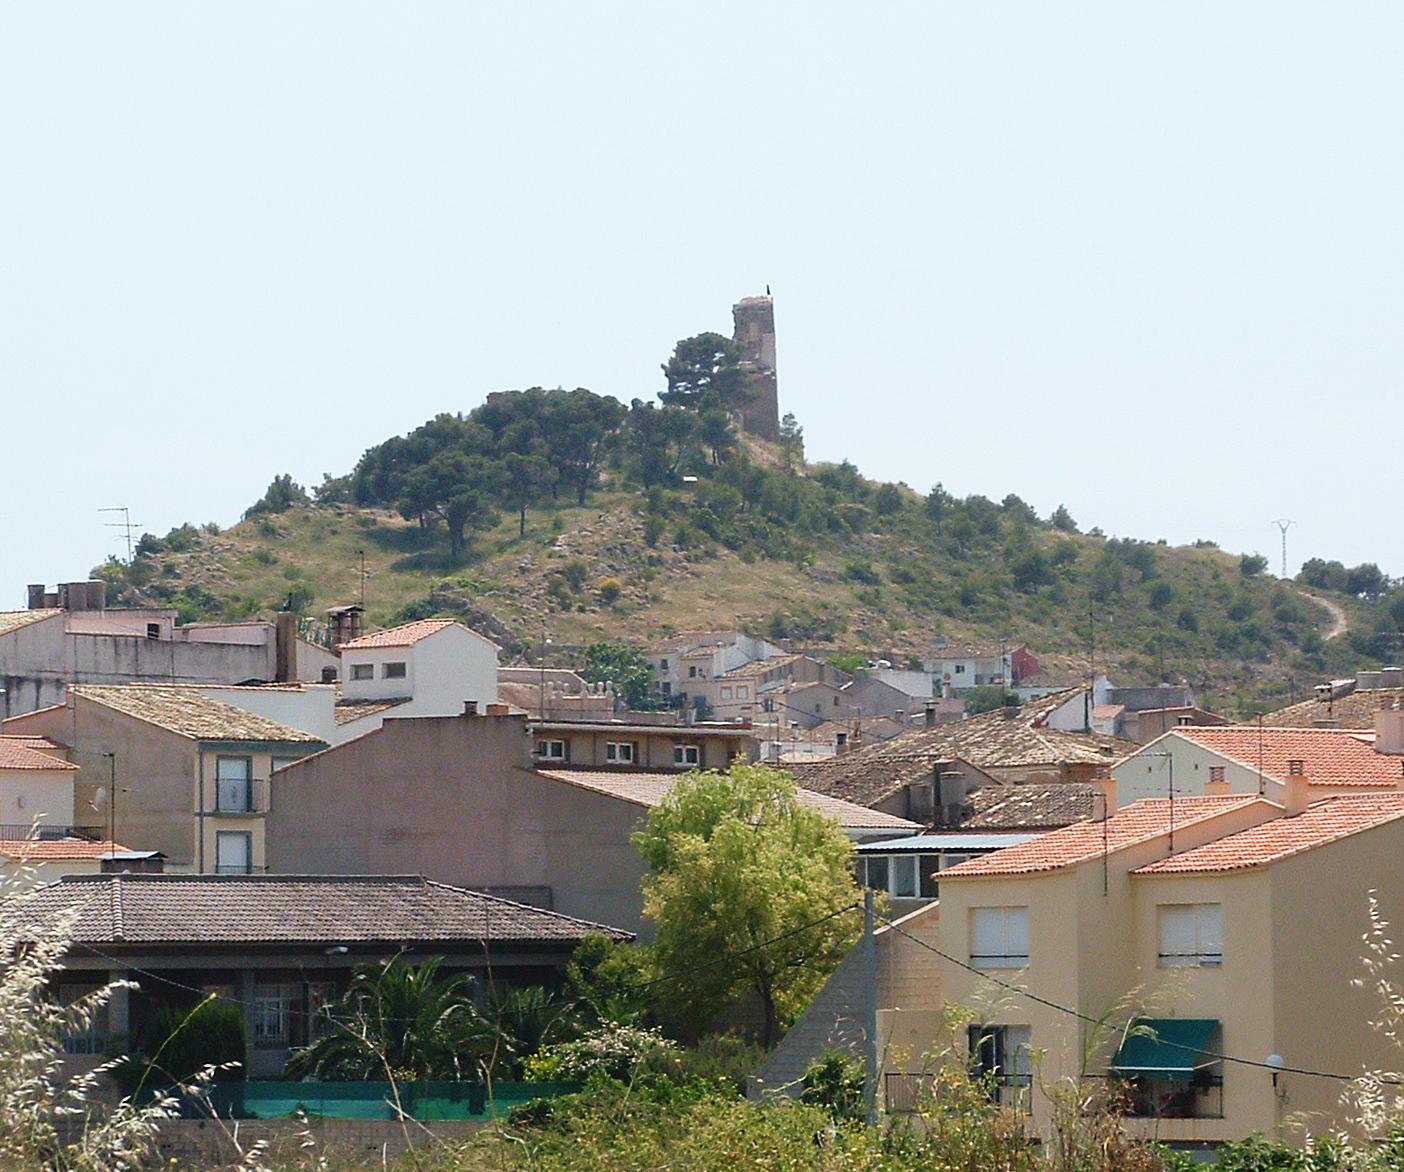 Una imagen de archivo del municipio de Macastre con su emblema, la torre del castillo.